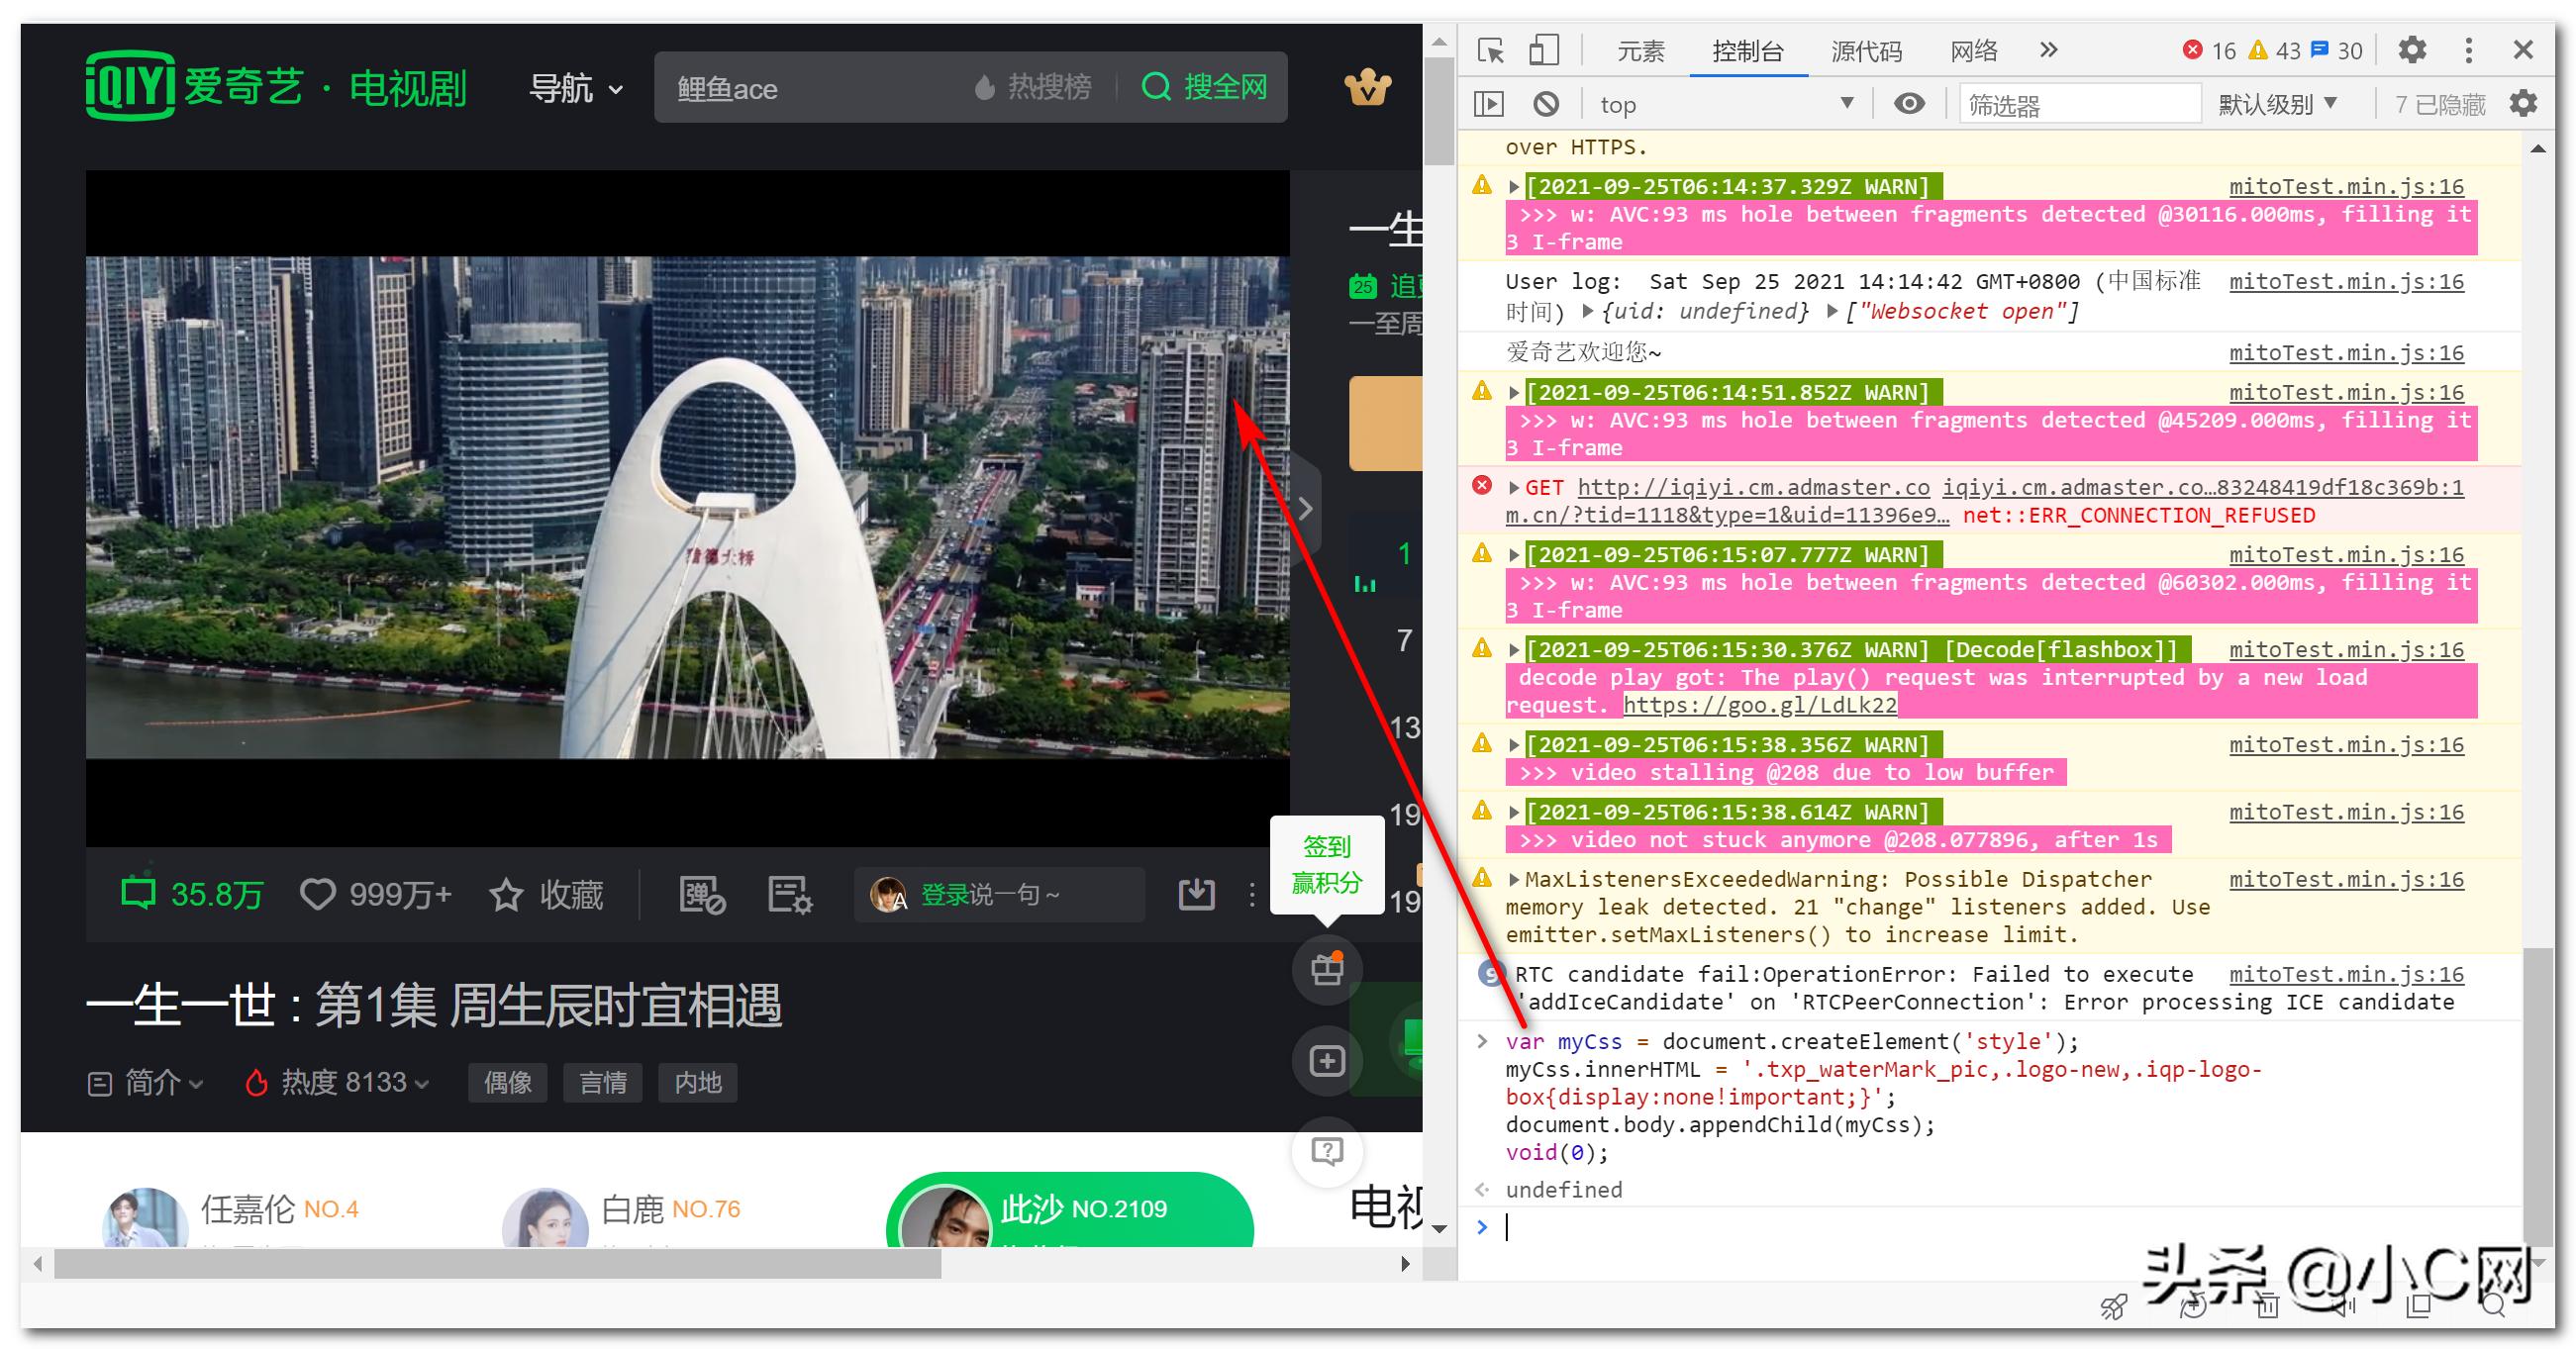 图片[2] - 浏览器在线秒去除腾讯爱奇艺优酷视频LOGO - 小 C 网